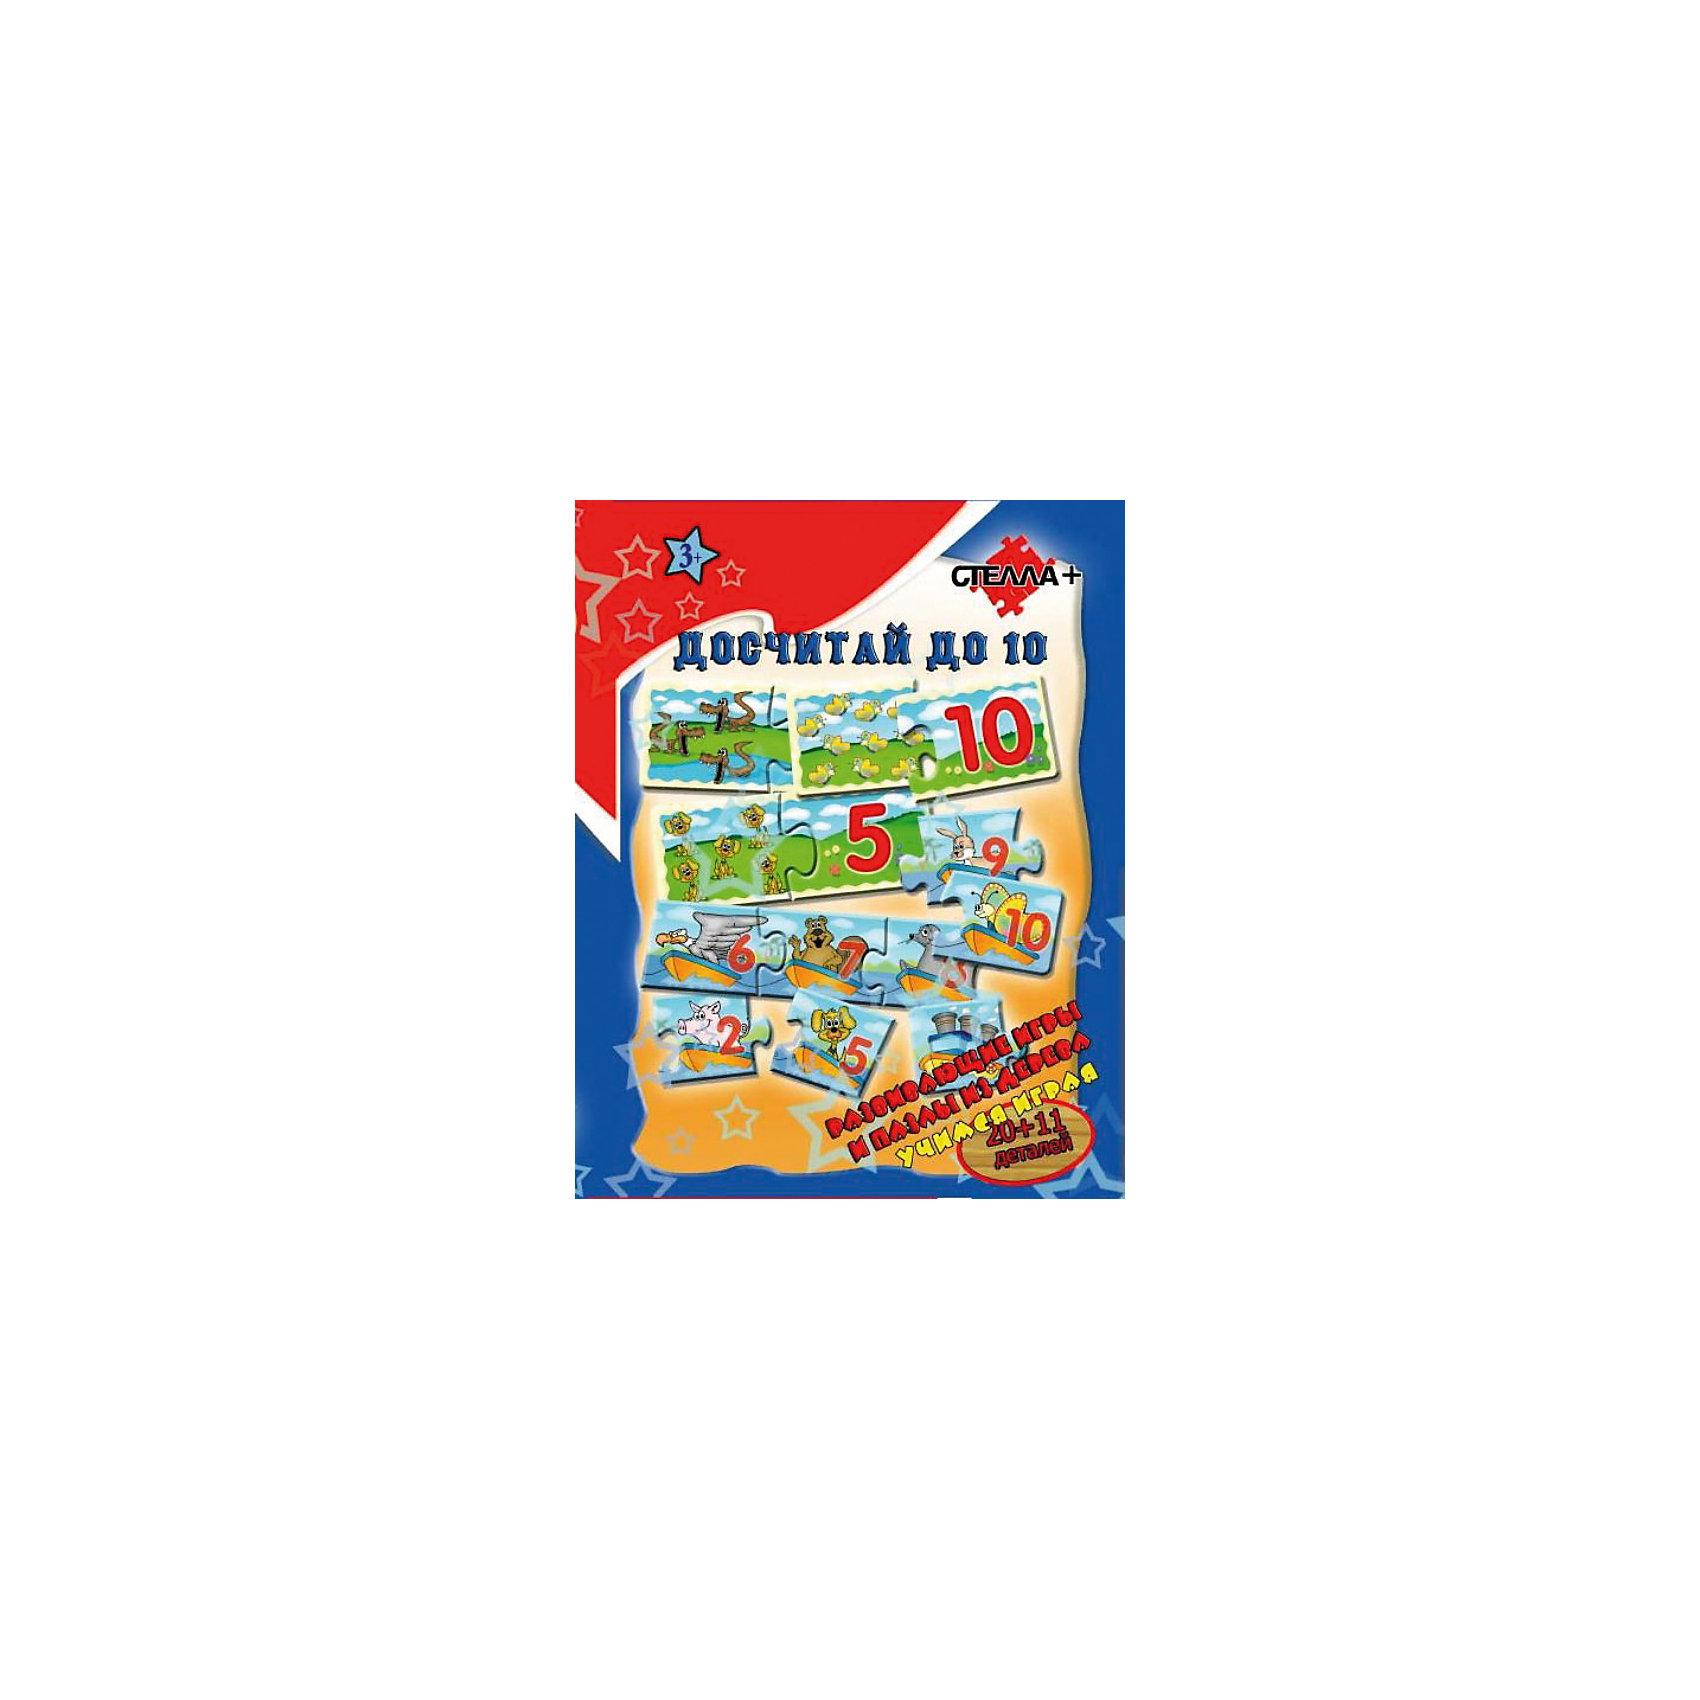 Игра  Досчитай до 10, СТЕЛЛА+Игра Досчитай до 10, СТЕЛЛА+<br><br>Характеристики:<br><br>• поможет научить ребенка считать до 10 в игровой форме<br>• пазлы можно соединить только в правильной последовательности<br>• материал: дерево<br>• размер упаковки: 22х16х4,5 см<br>• вес: 340 грамм<br><br>Досчитай до 10 - забавная игра-пазл, которая поможет вашему малышу научиться считать. В процессе игры ребенку предстоит собрать пазл по порядку. Для этого нужно посчитать количество животных на одной детали и соединить ее с другой деталью с соответствующей цифрой. Примечательно, что все детали подходят только к своим картинкам. Это исключит ошибку и поможет малышу правильно разобраться в игре. Во втором пазле нужно соединить цифры в правильном порядке - получится веселая картинка животными в лодках. Играя в эти пазлы, малыш с радостью научится считать до десяти!<br><br>Игру Досчитай до 10, СТЕЛЛА+ можно купить в нашем интернет-магазине.<br><br>Ширина мм: 220<br>Глубина мм: 160<br>Высота мм: 45<br>Вес г: 340<br>Возраст от месяцев: 36<br>Возраст до месяцев: 120<br>Пол: Унисекс<br>Возраст: Детский<br>SKU: 2328296